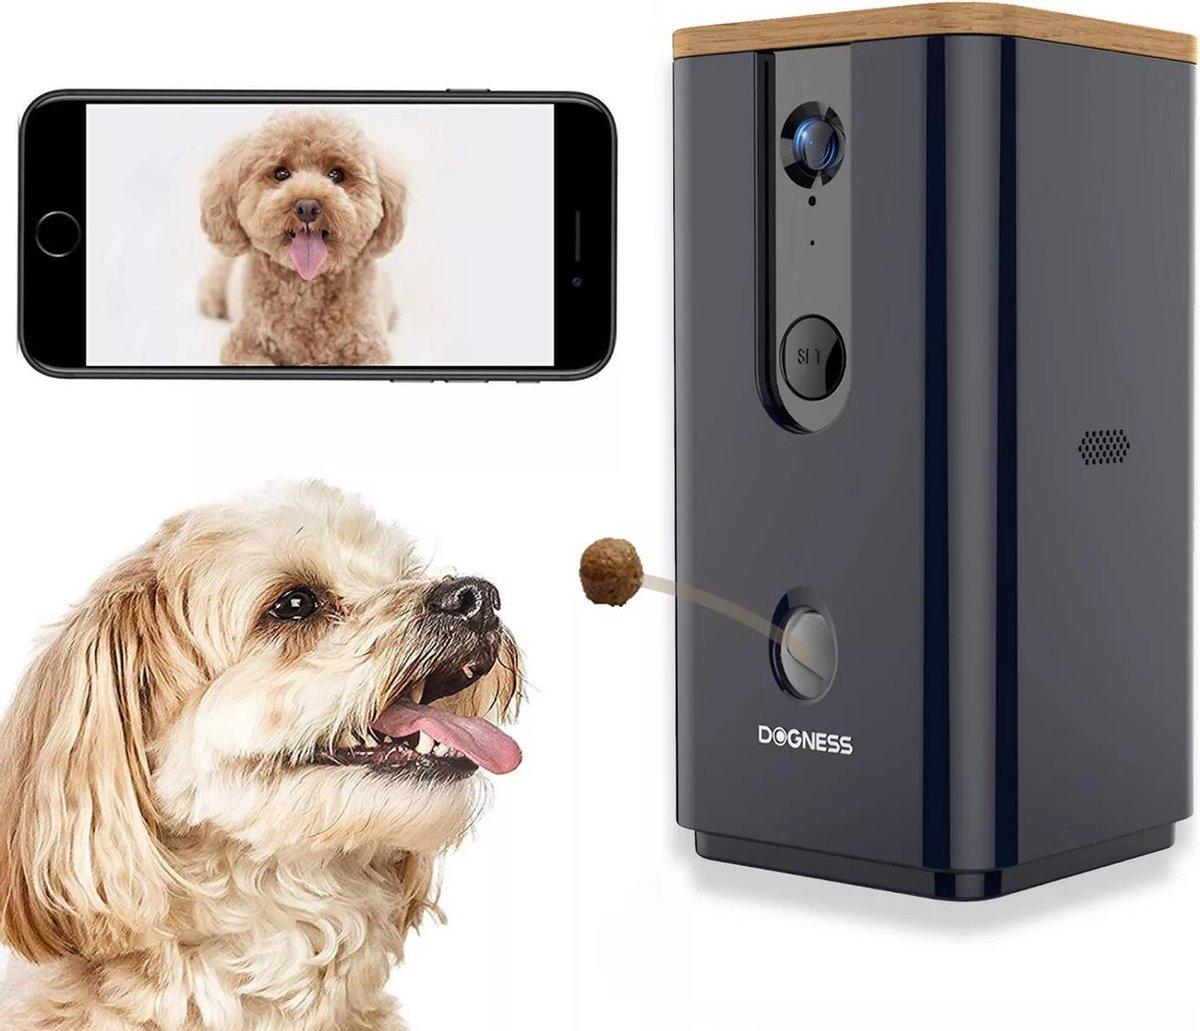 Dogness   Interactief voerautomaat snackuitgave / treat dispenser voor honden en katten 165  night v